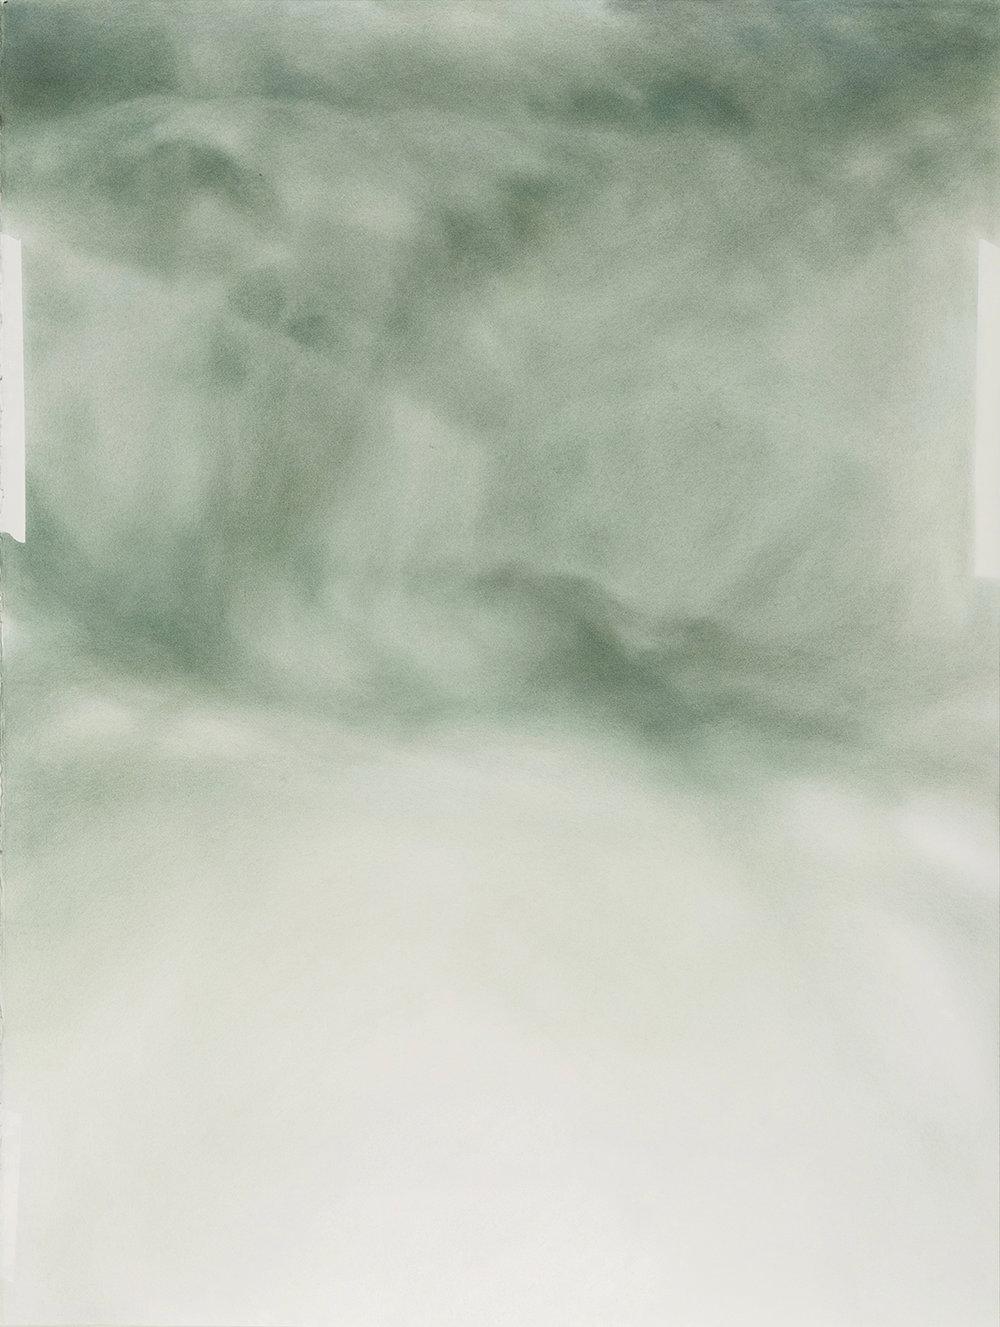 """Andréanne Godin, And the Light Brushed Against Your Cheek , 2018, pigments secs (Bleu de Prusse, Ocre brun et brun Van Dyke) sur papier Arches,40"""" x 30"""" (102 x 76 cm)."""